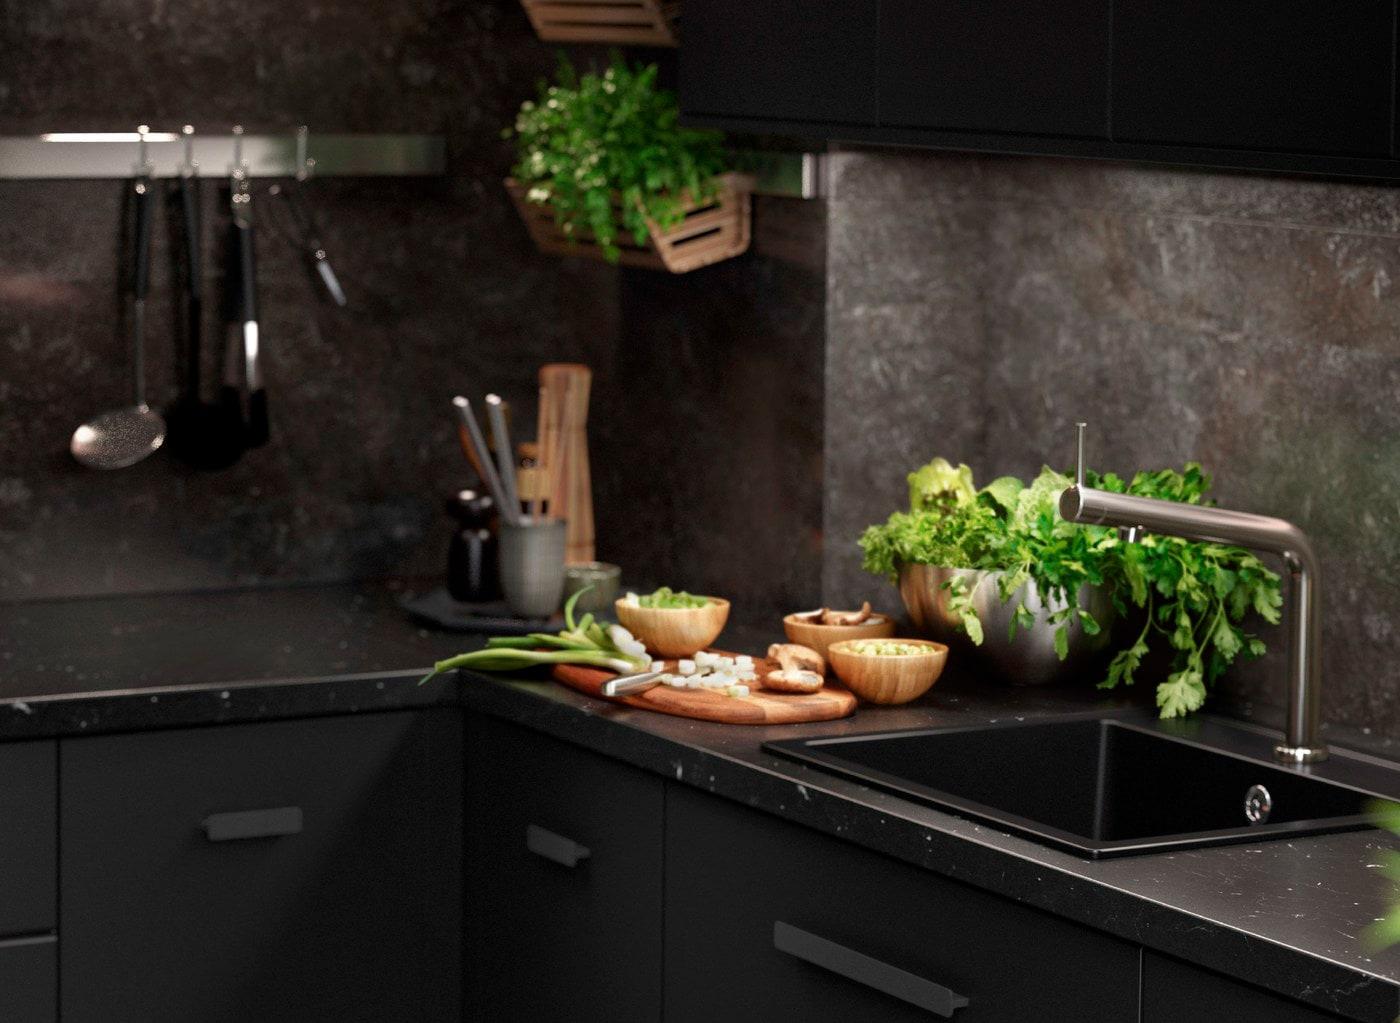 Cucina KUNGSBACKA nera con dettagli effetto marmo, utensili da cucina ed erbe aromatiche – IKEA